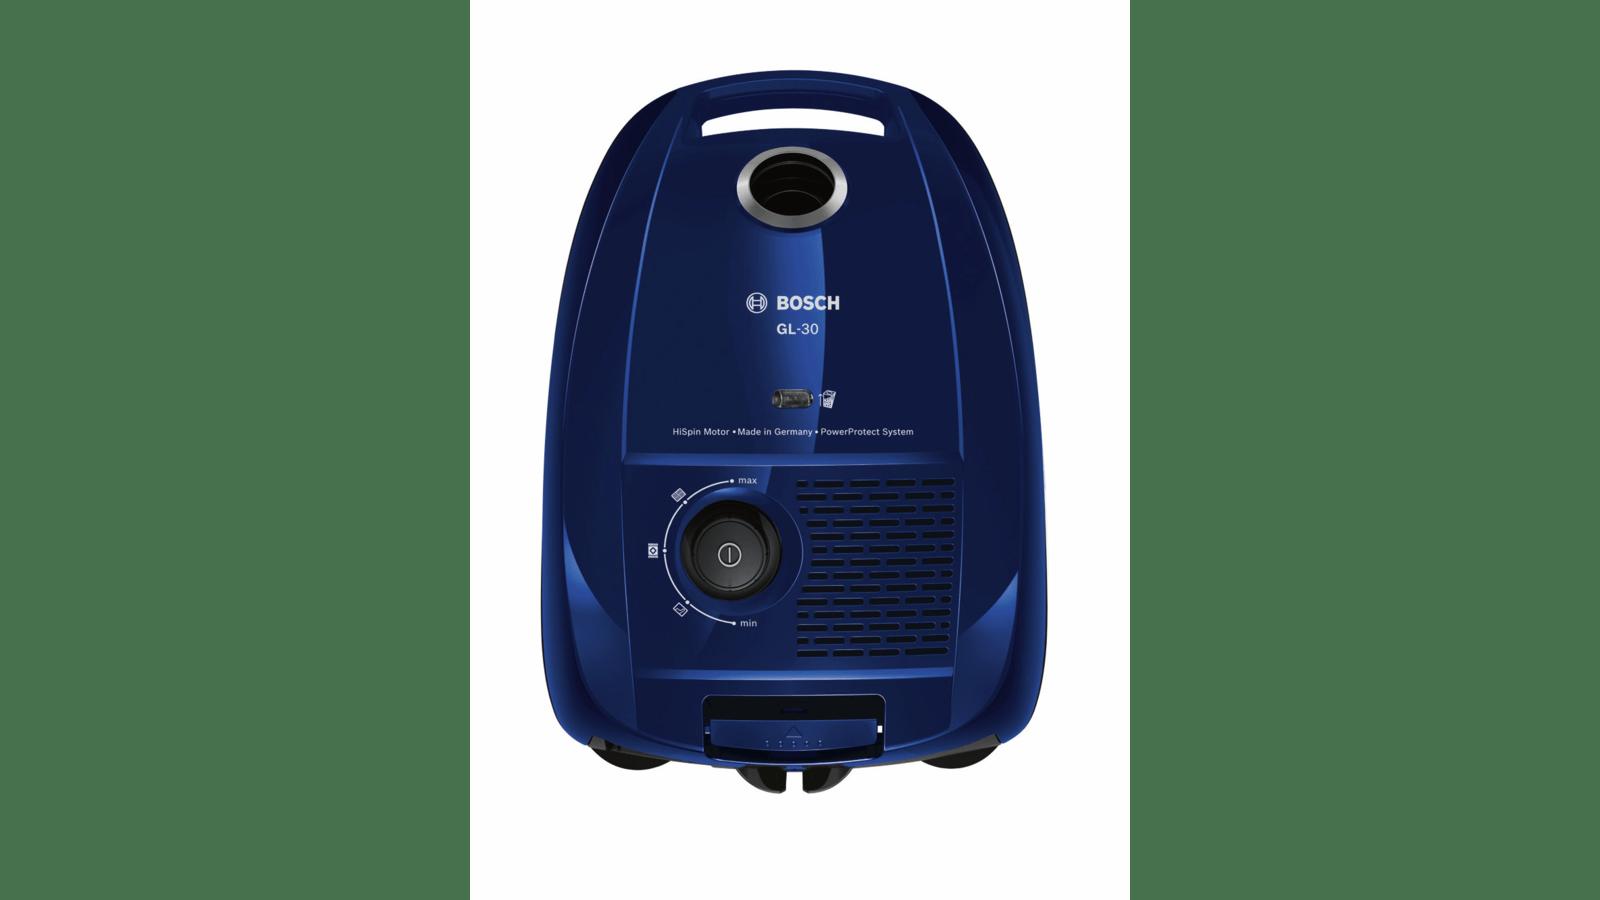 1-60 sacs pour aspirateur convient pour Bosch bgl3b110 Sol Aspirateur gl-30